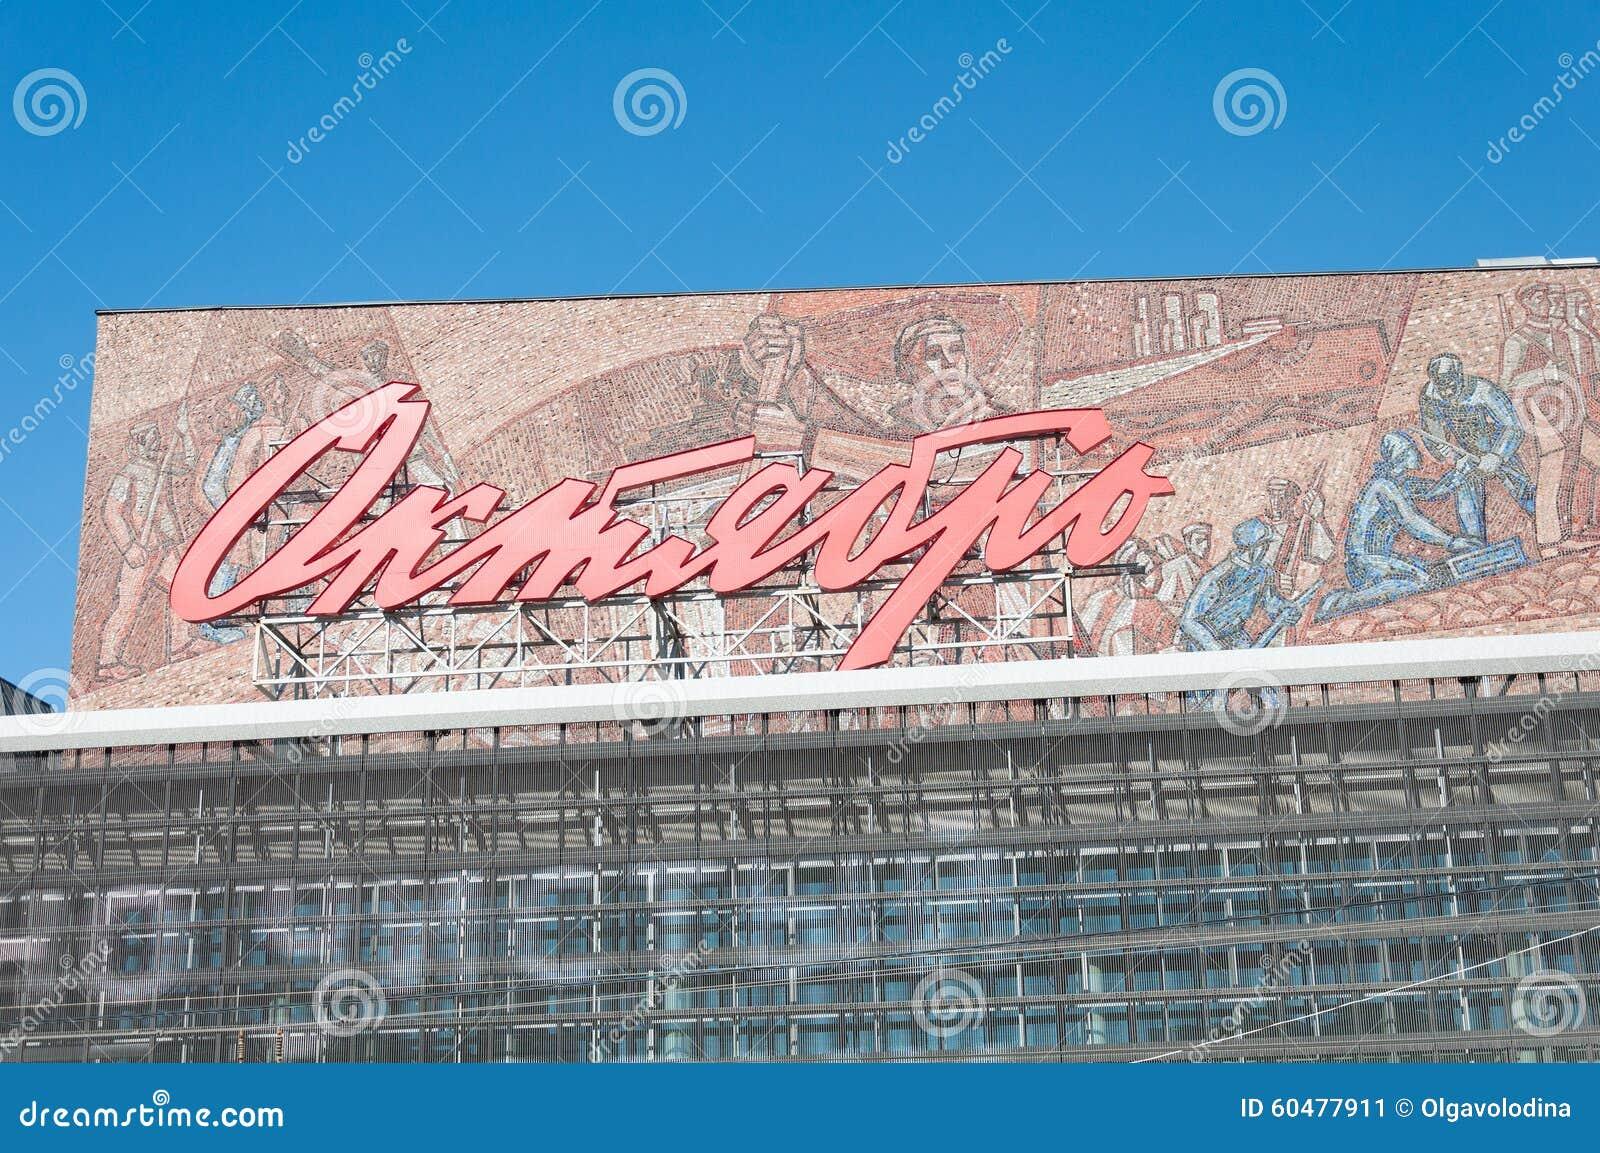 Moscú, Rusia - 09 21 2015 Cine de octubre en Novy Arbat - muestra de arquitectura soviética en la URSS